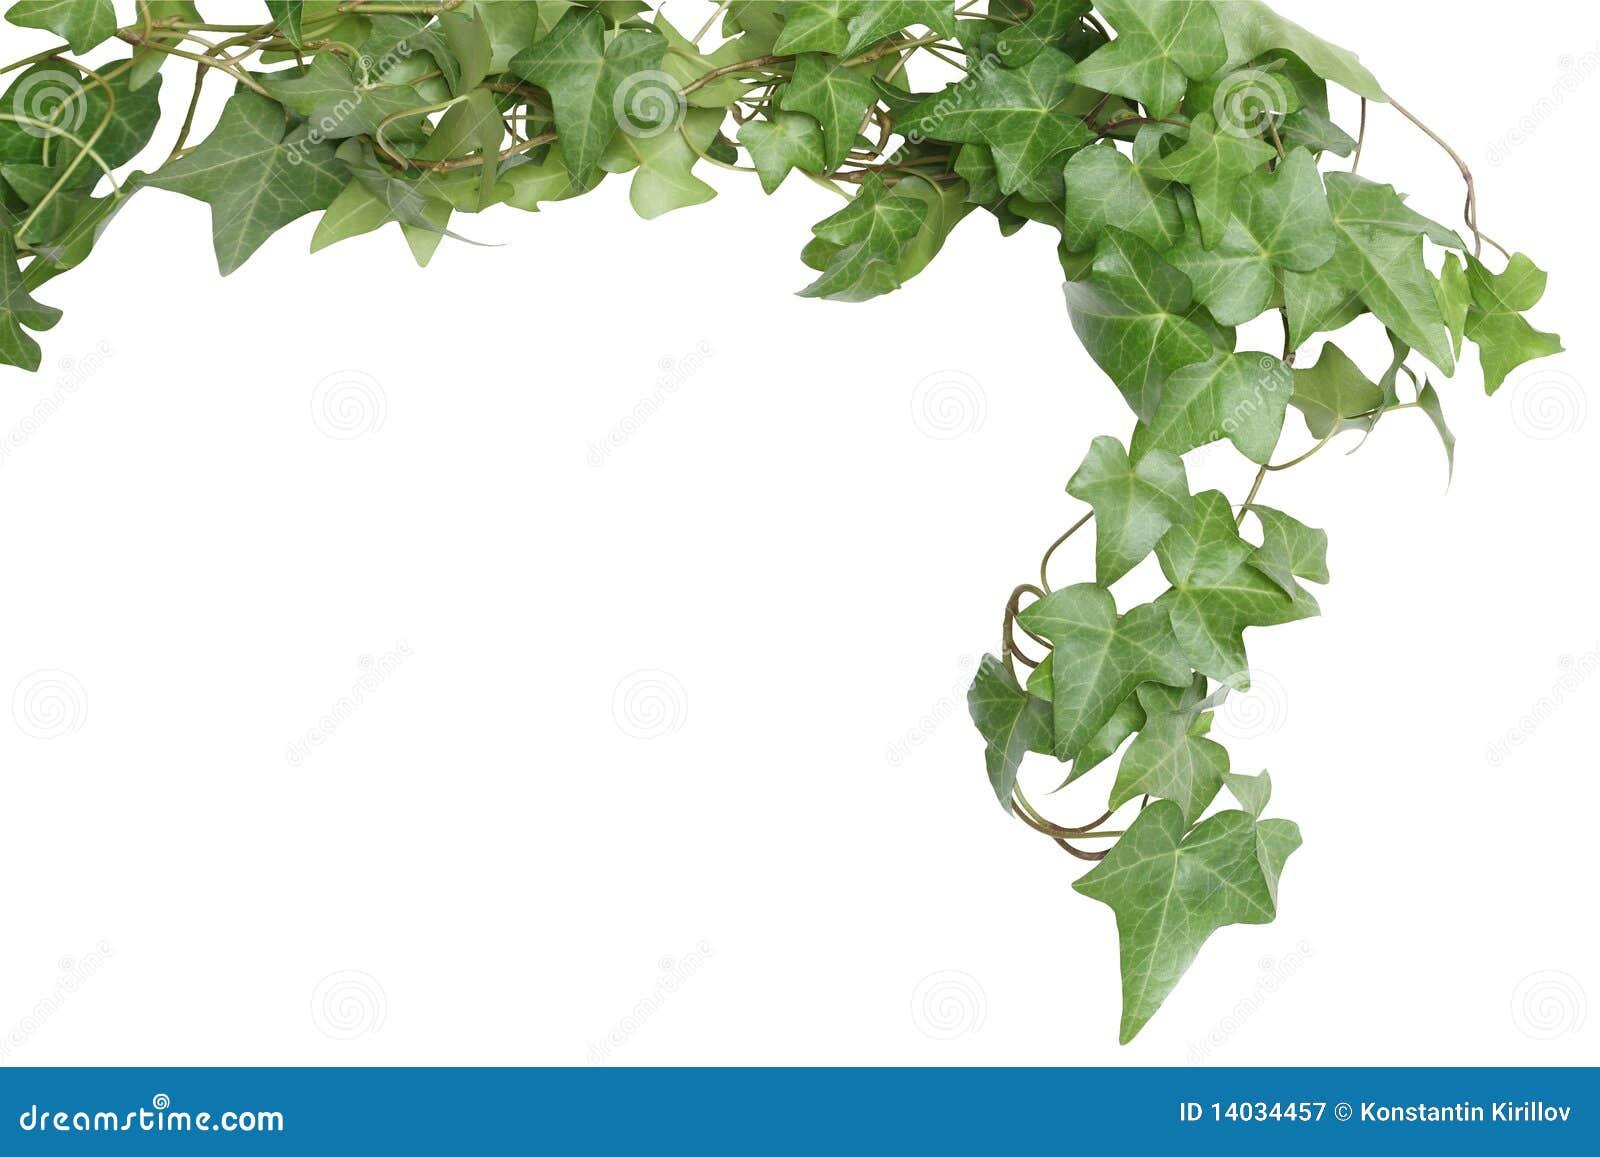 ivy border stock photo image of springtime botany plant 1507866